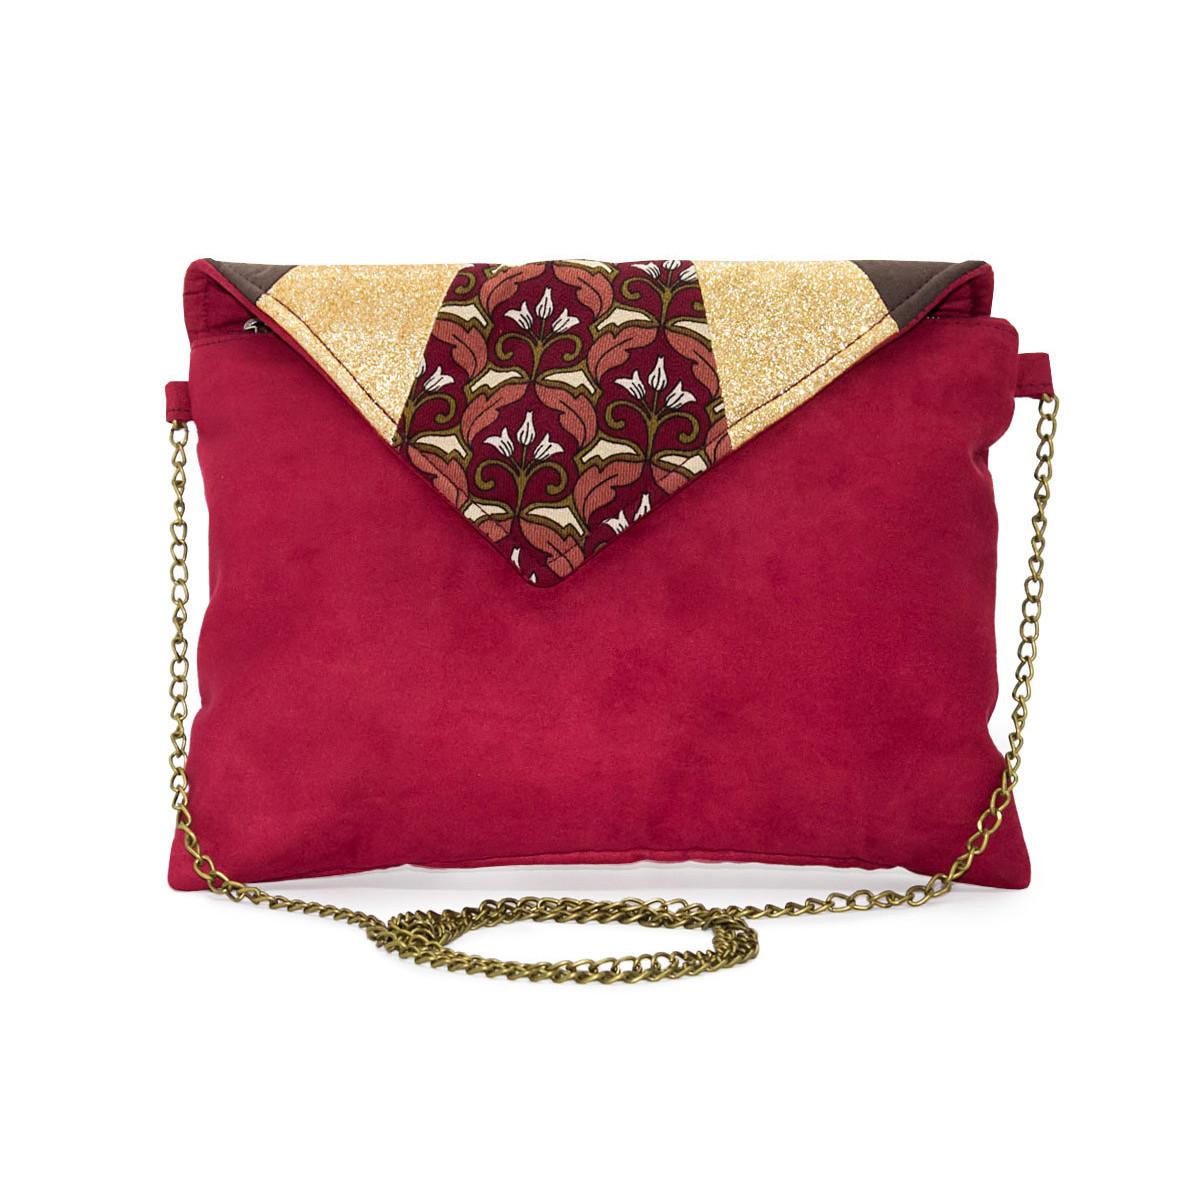 Pochette enveloppe or et rouge terracotta